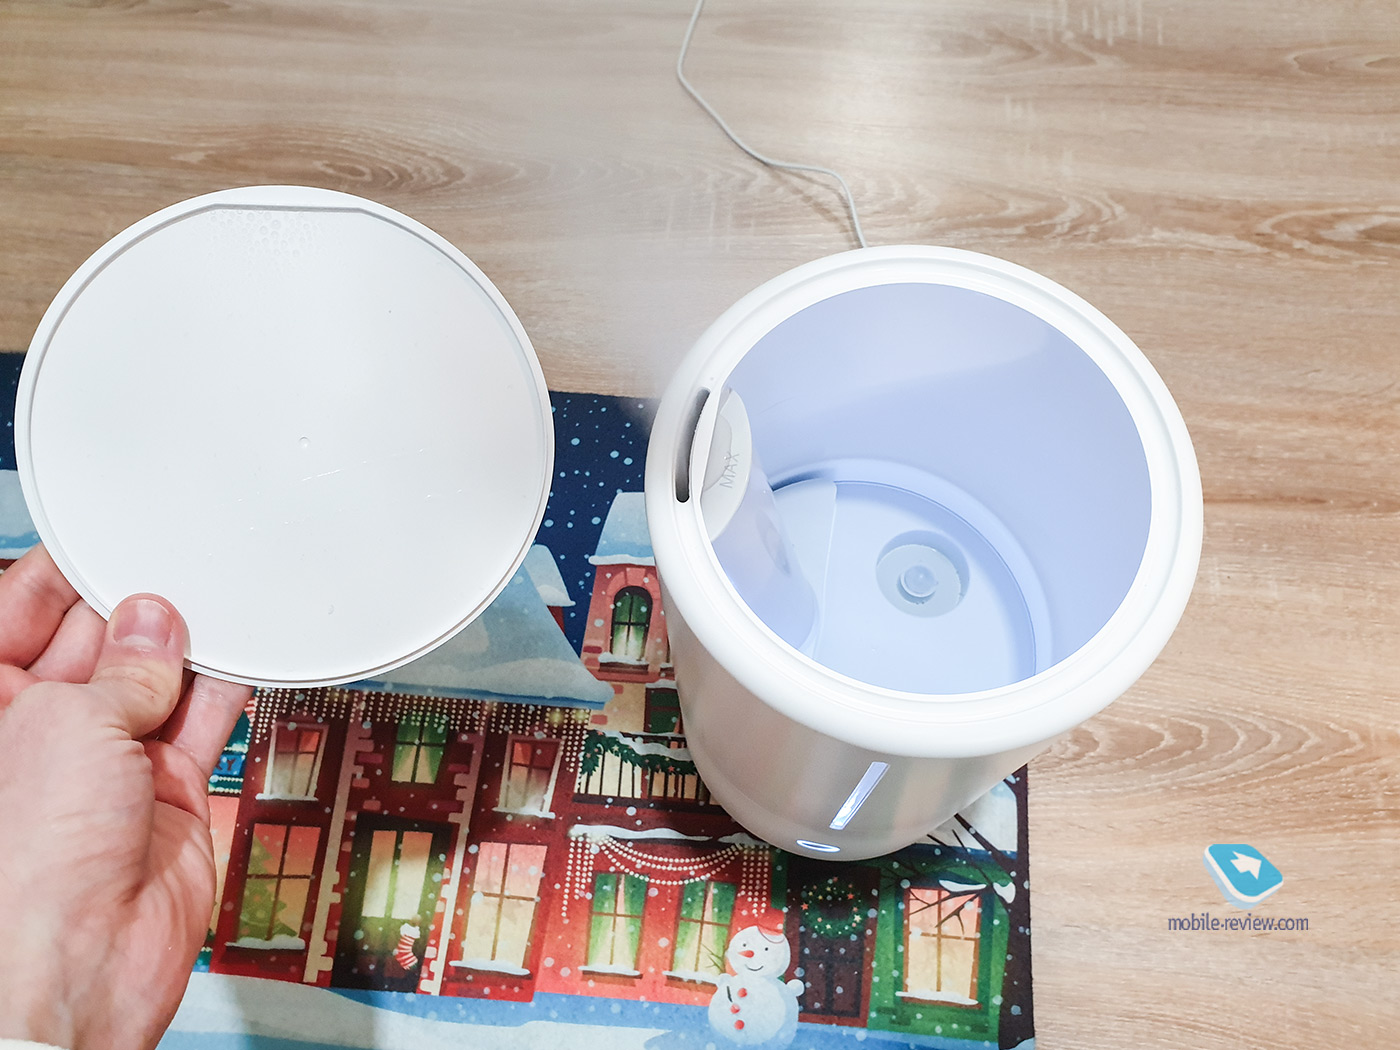 Обзор увлажнителя Mi Smart Antibacterial Humidifier от Xiaomi (для самых влажных мечтаний)